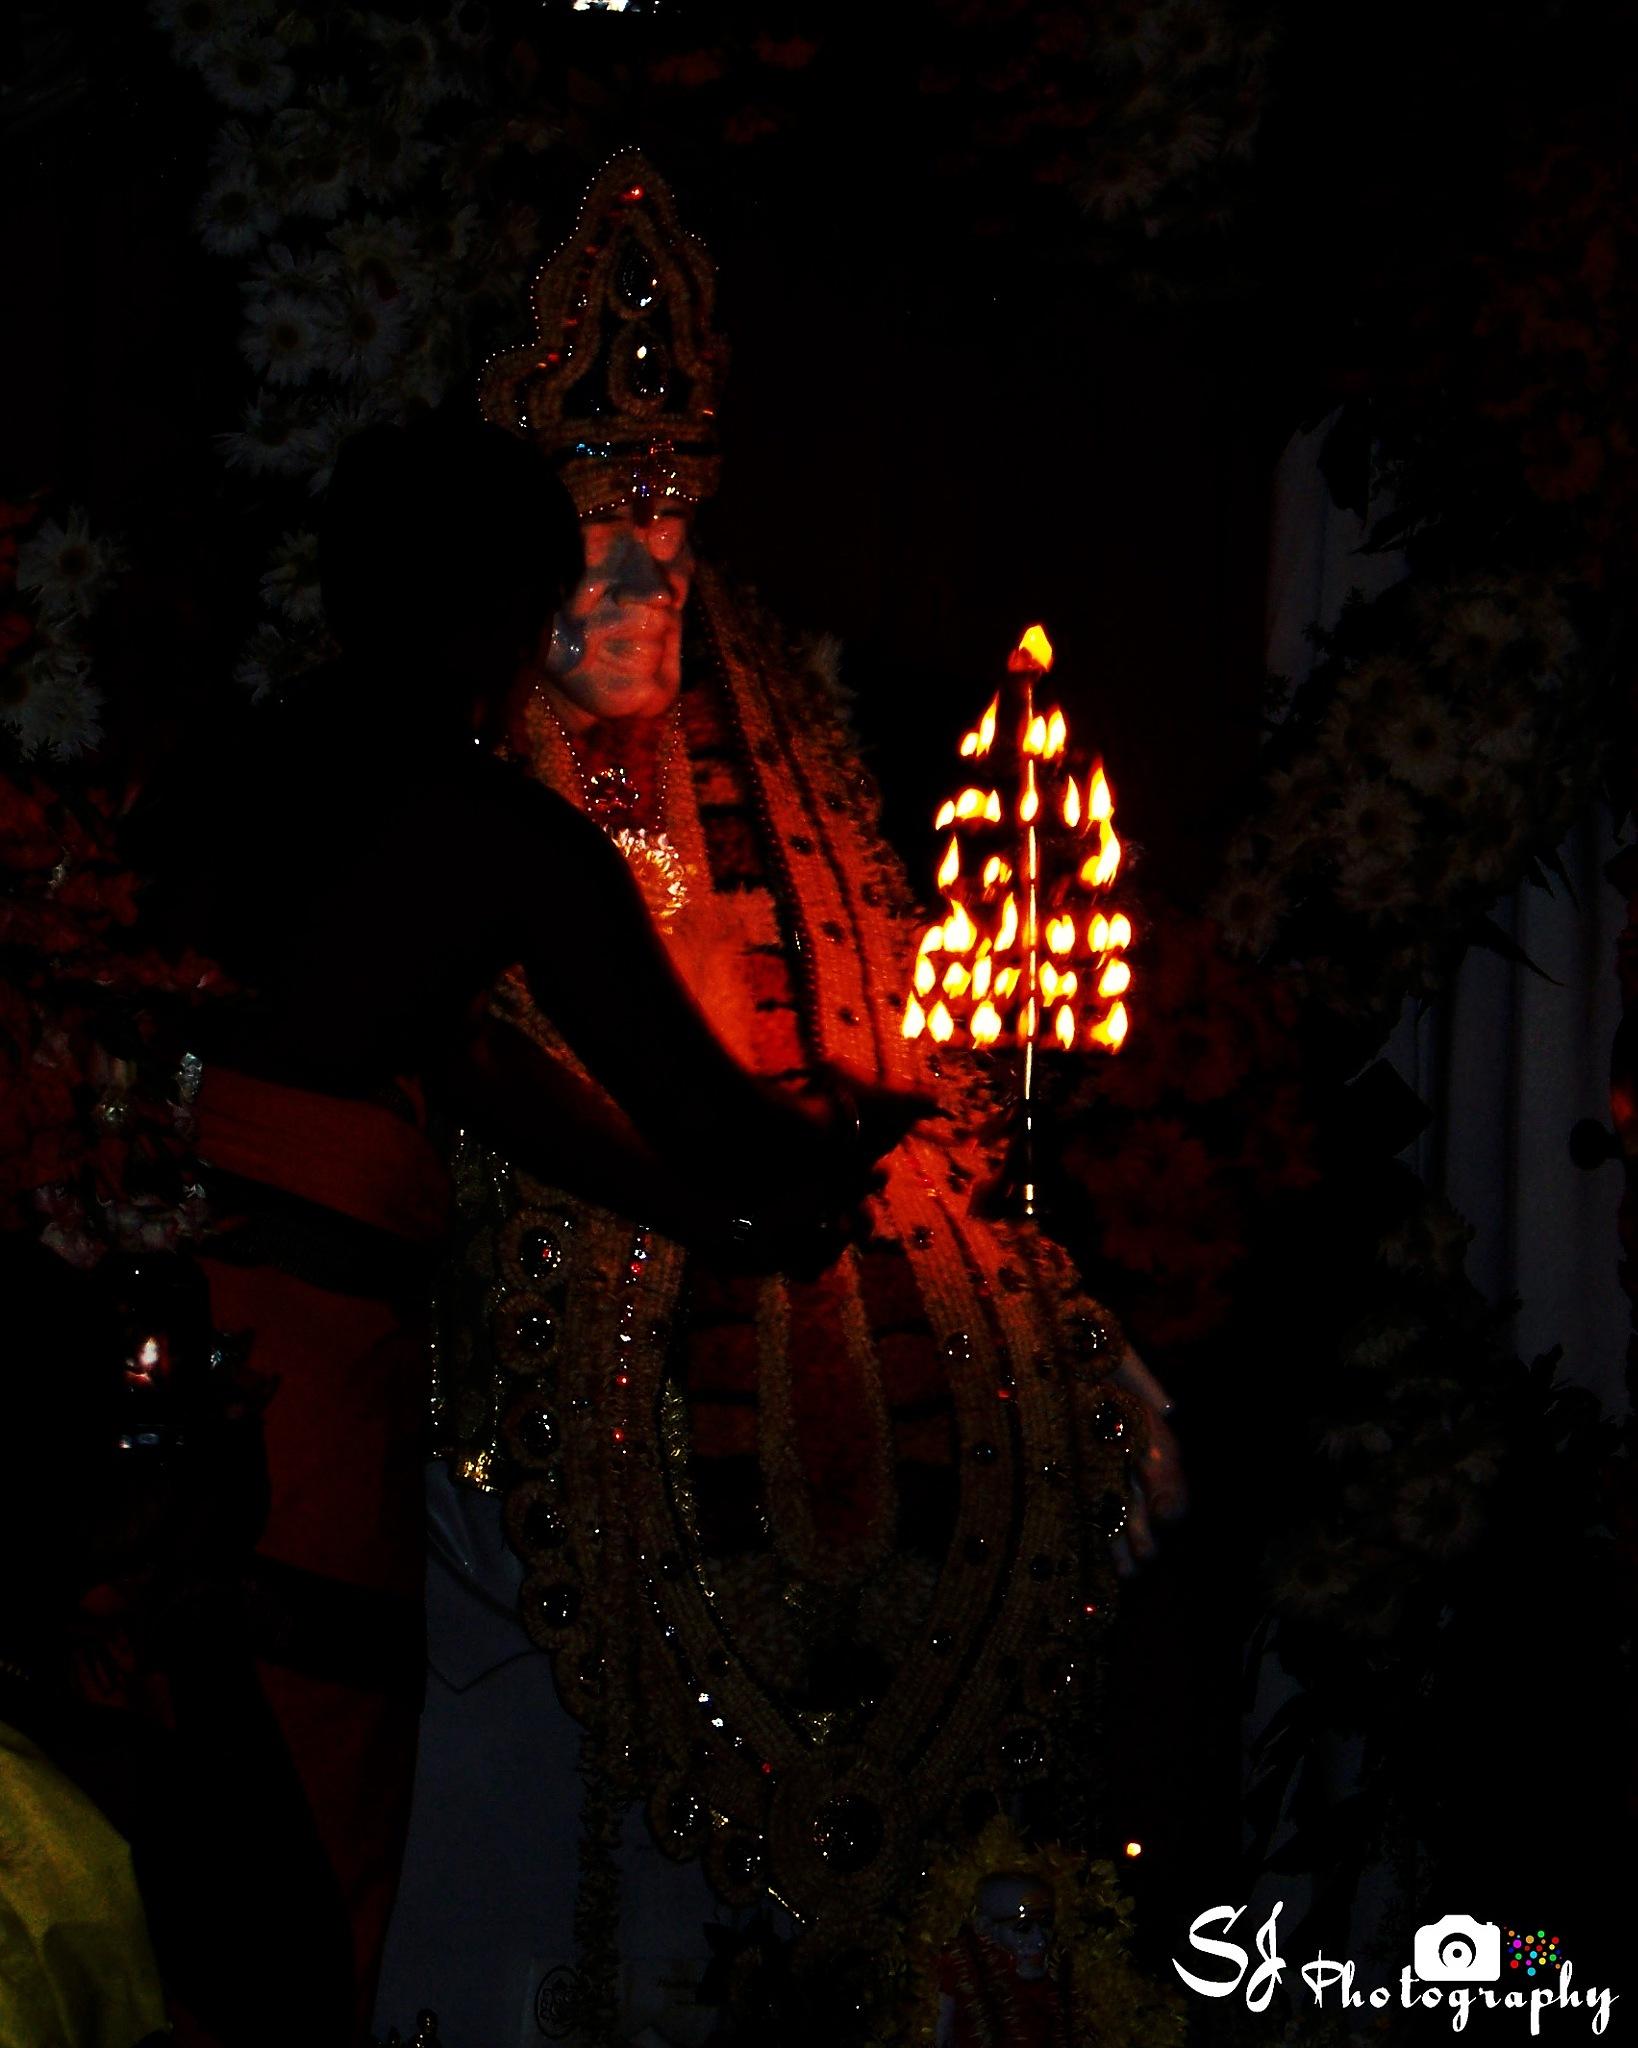 GOD's LOVE by sandeshjadhav